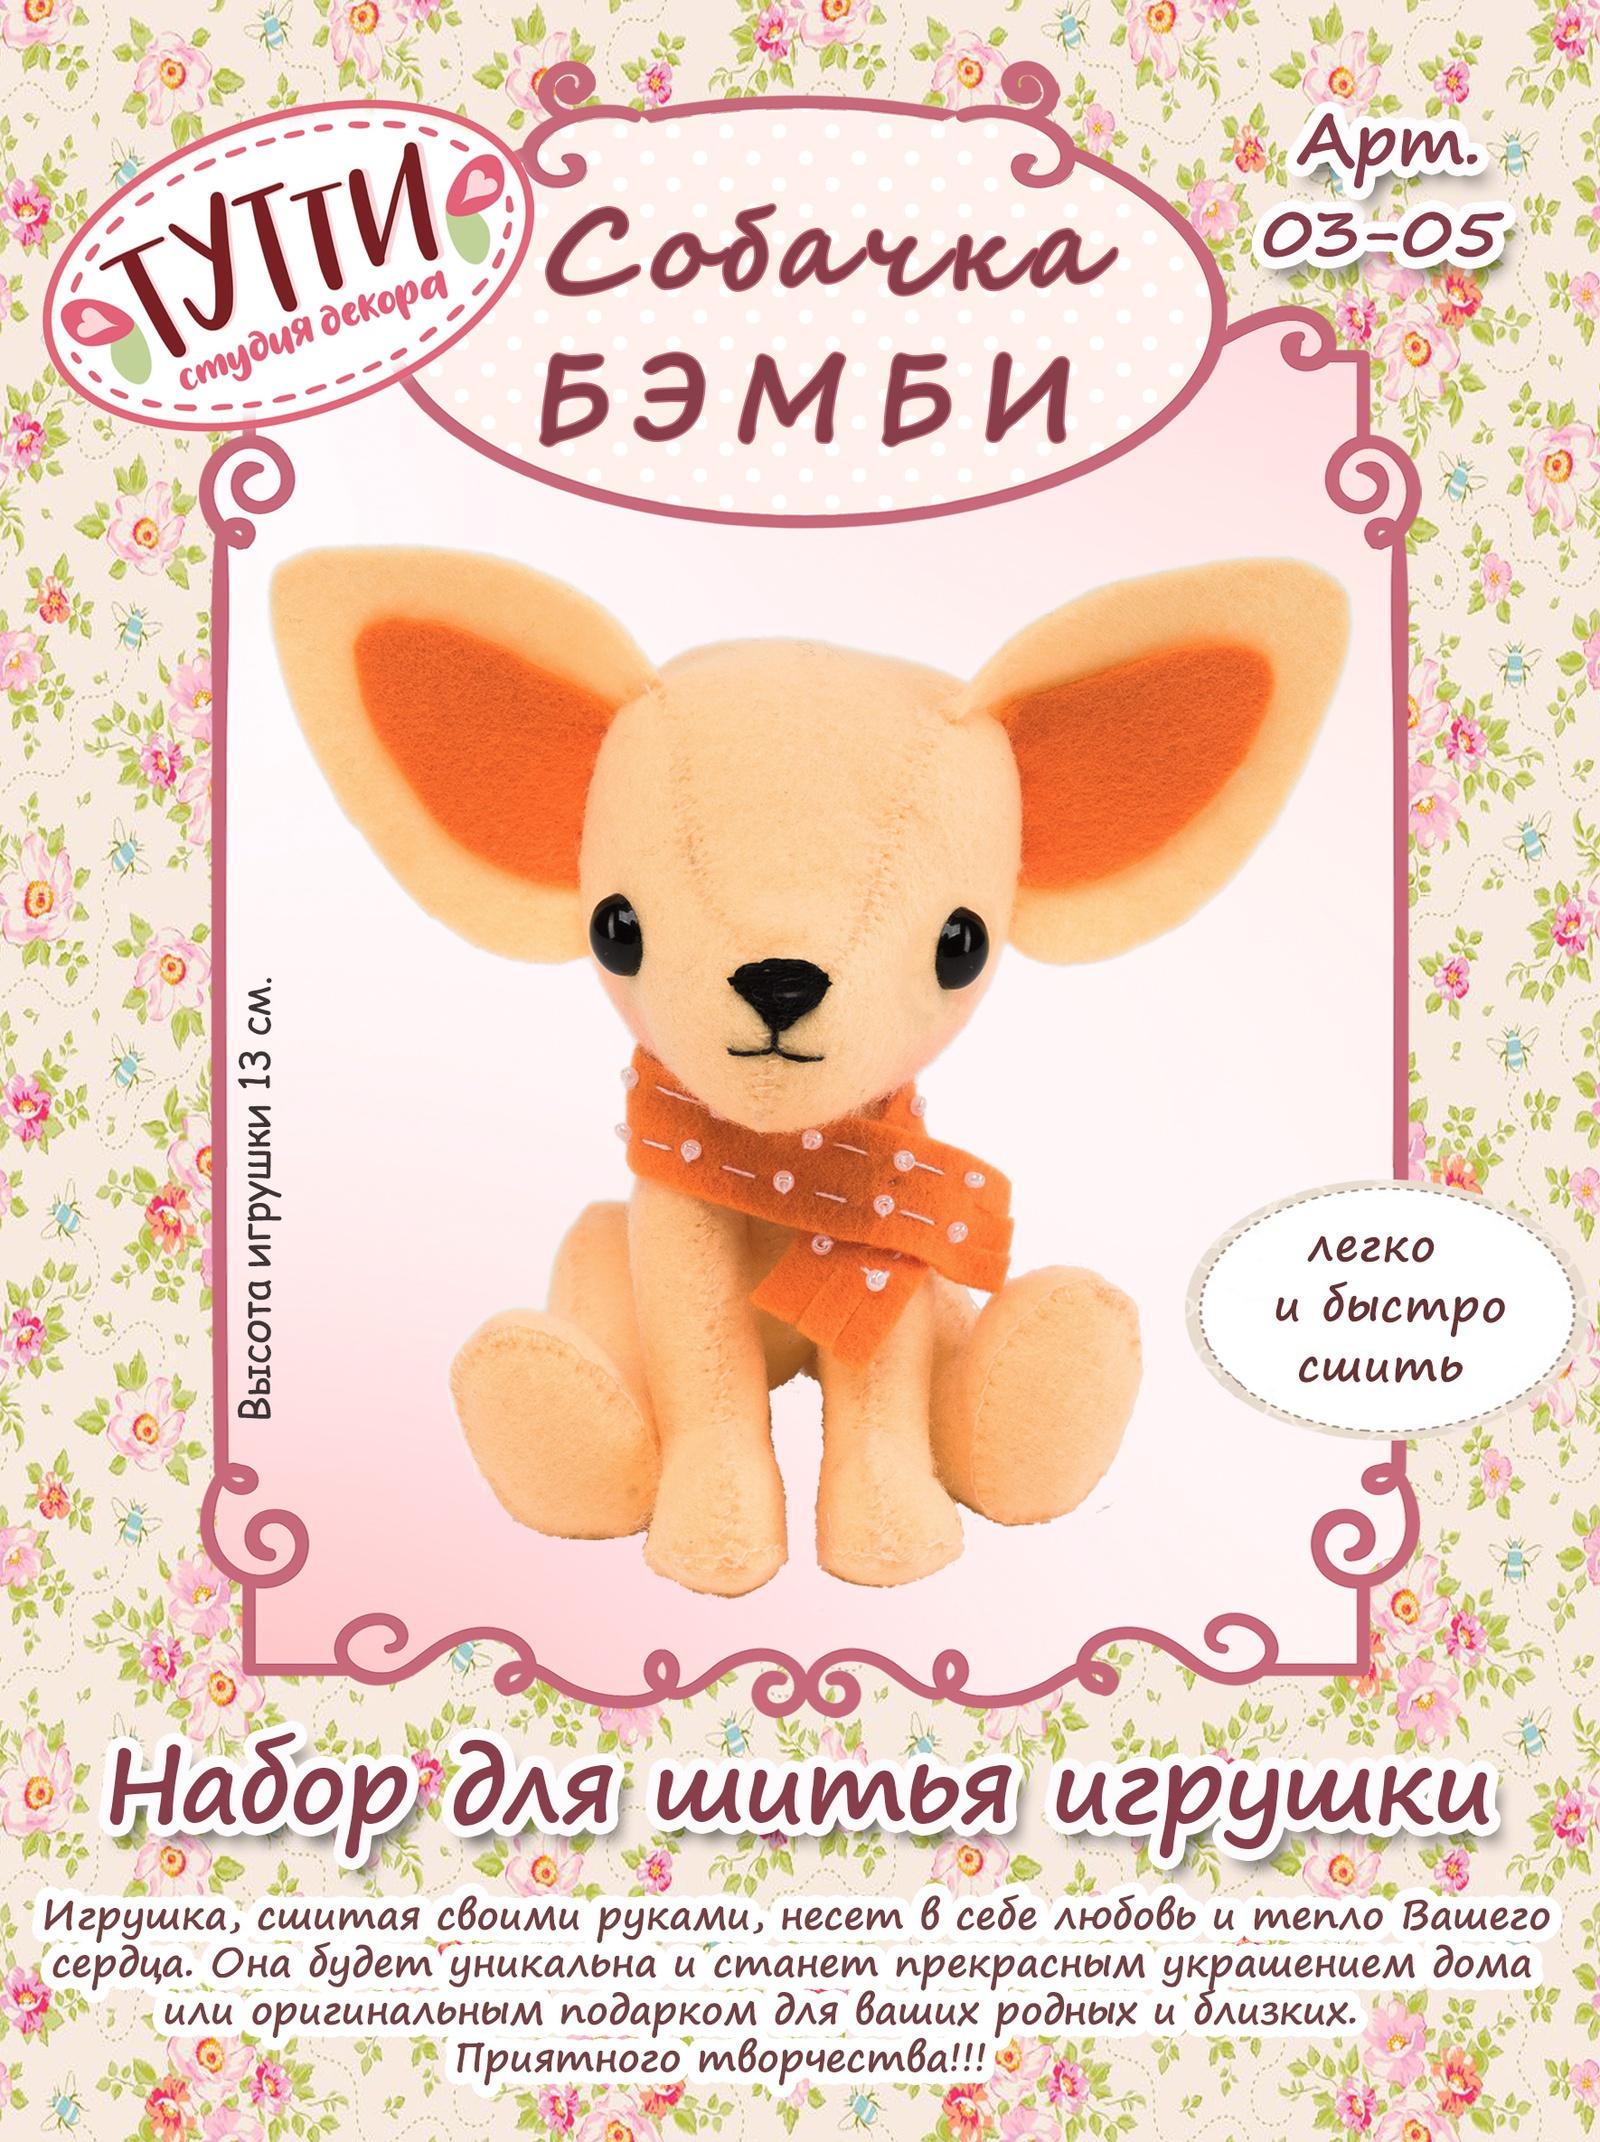 Набор для изготовления игрушки Тутти Собачка Бэмби, 03-05 наборы из фетра в пакете с хедером четырехлистники 11 21136 15